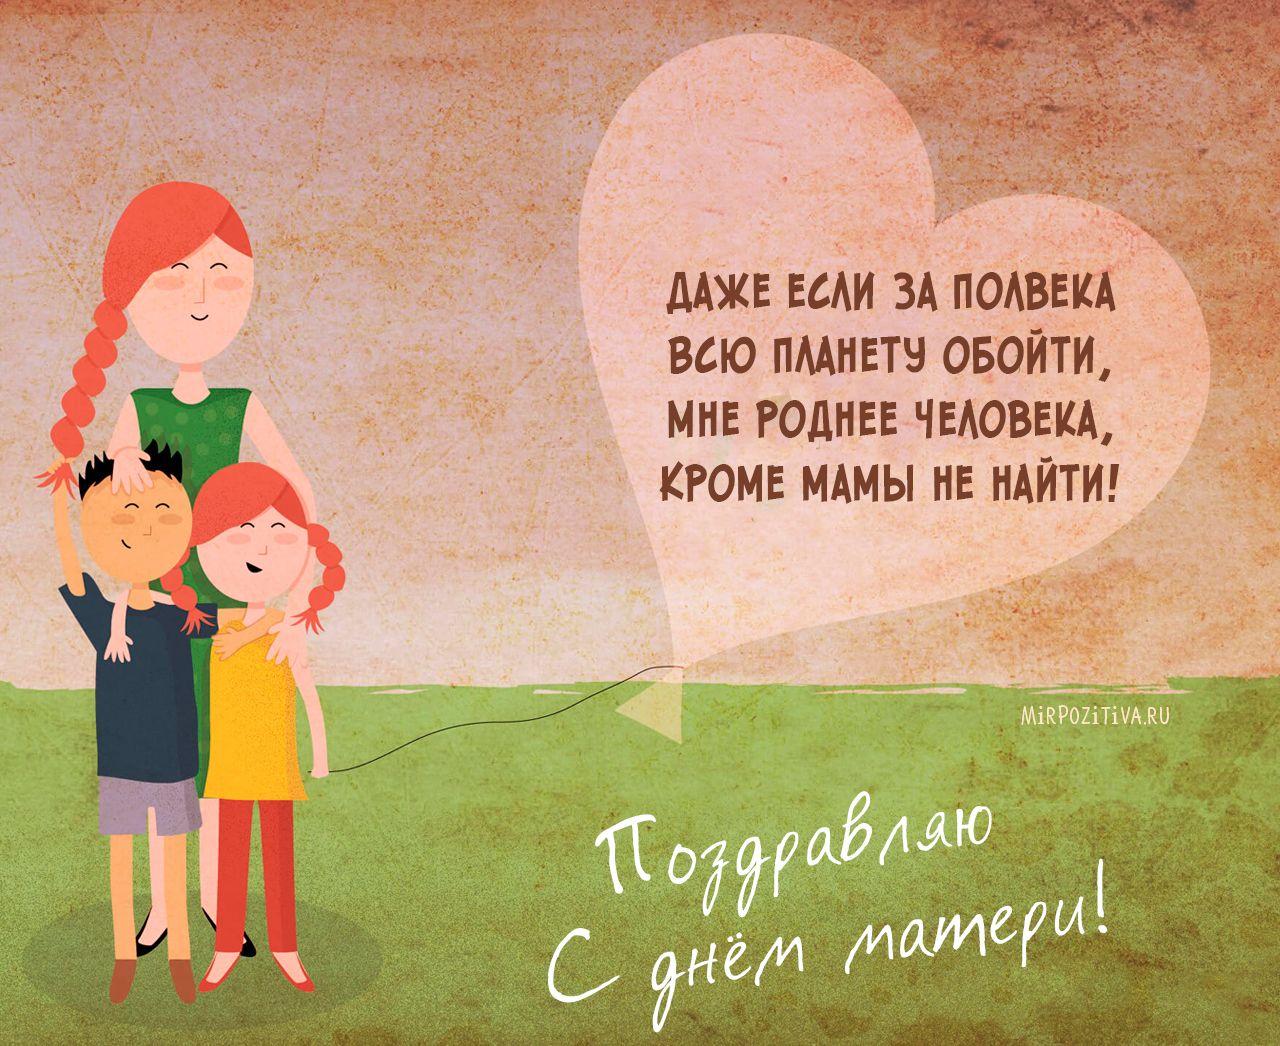 С днем матери стихи смешные